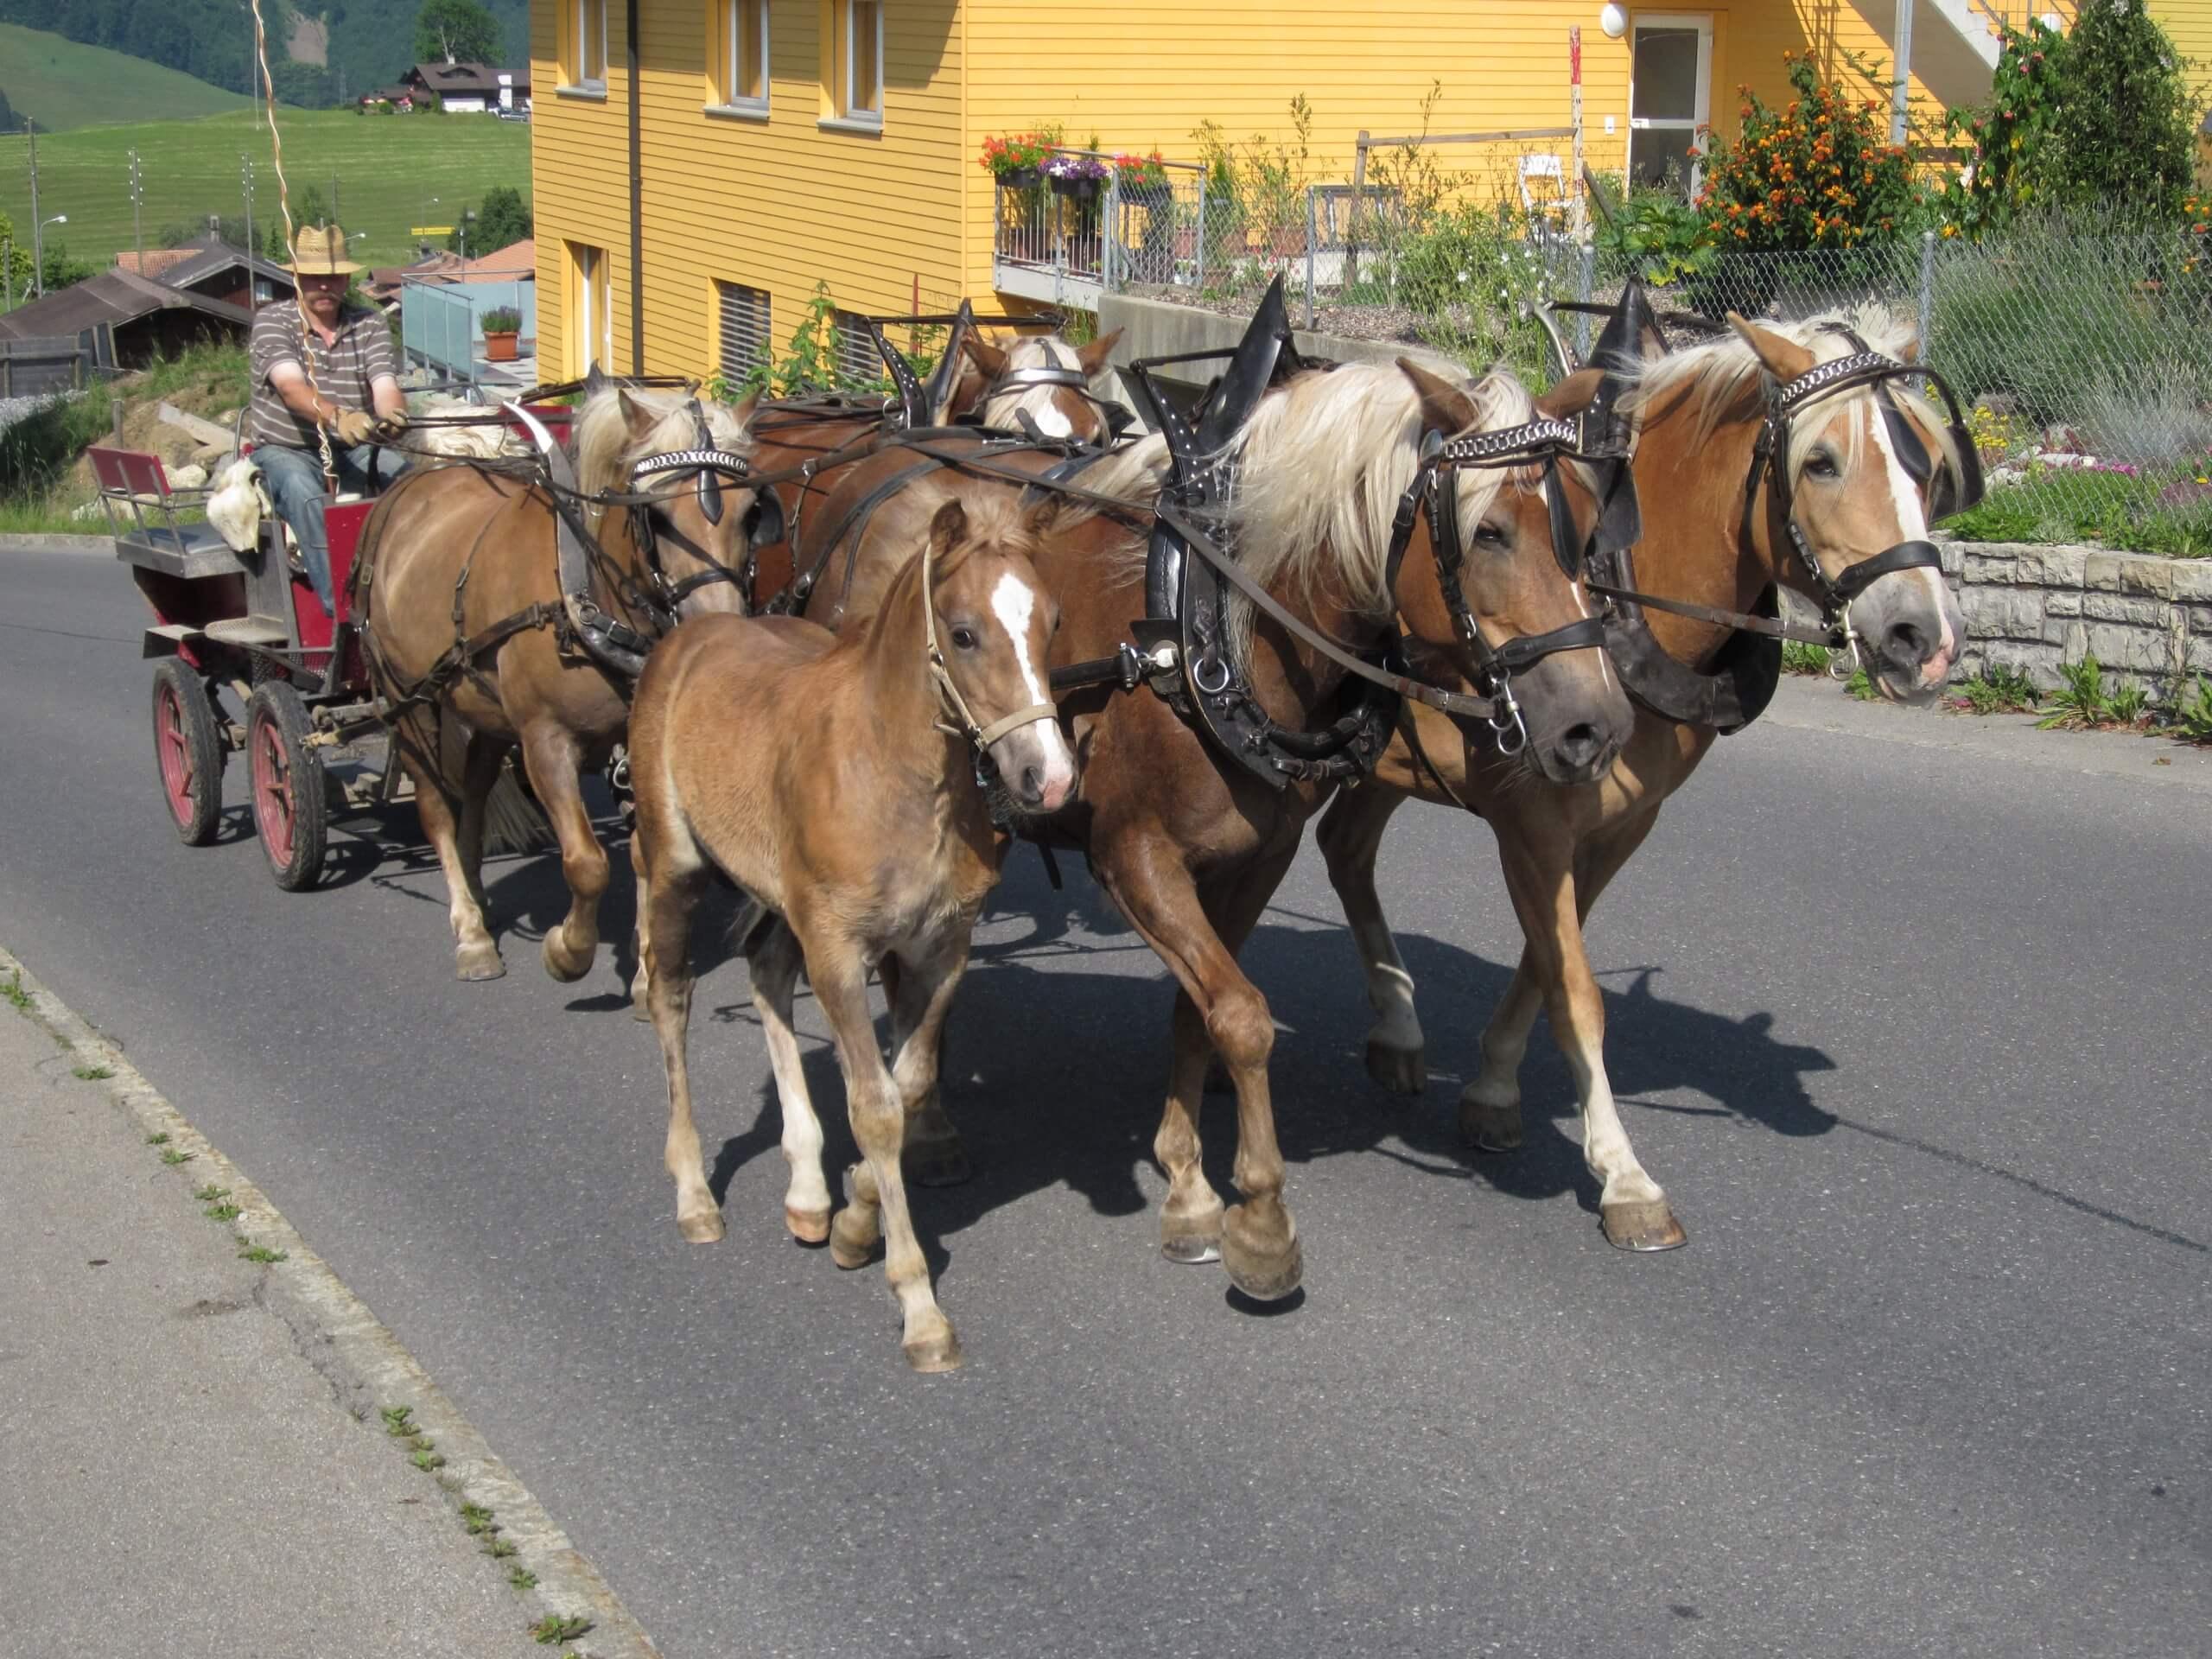 aeschi-kutschenfahrt-pferde-sommer-dorfrundfahrt